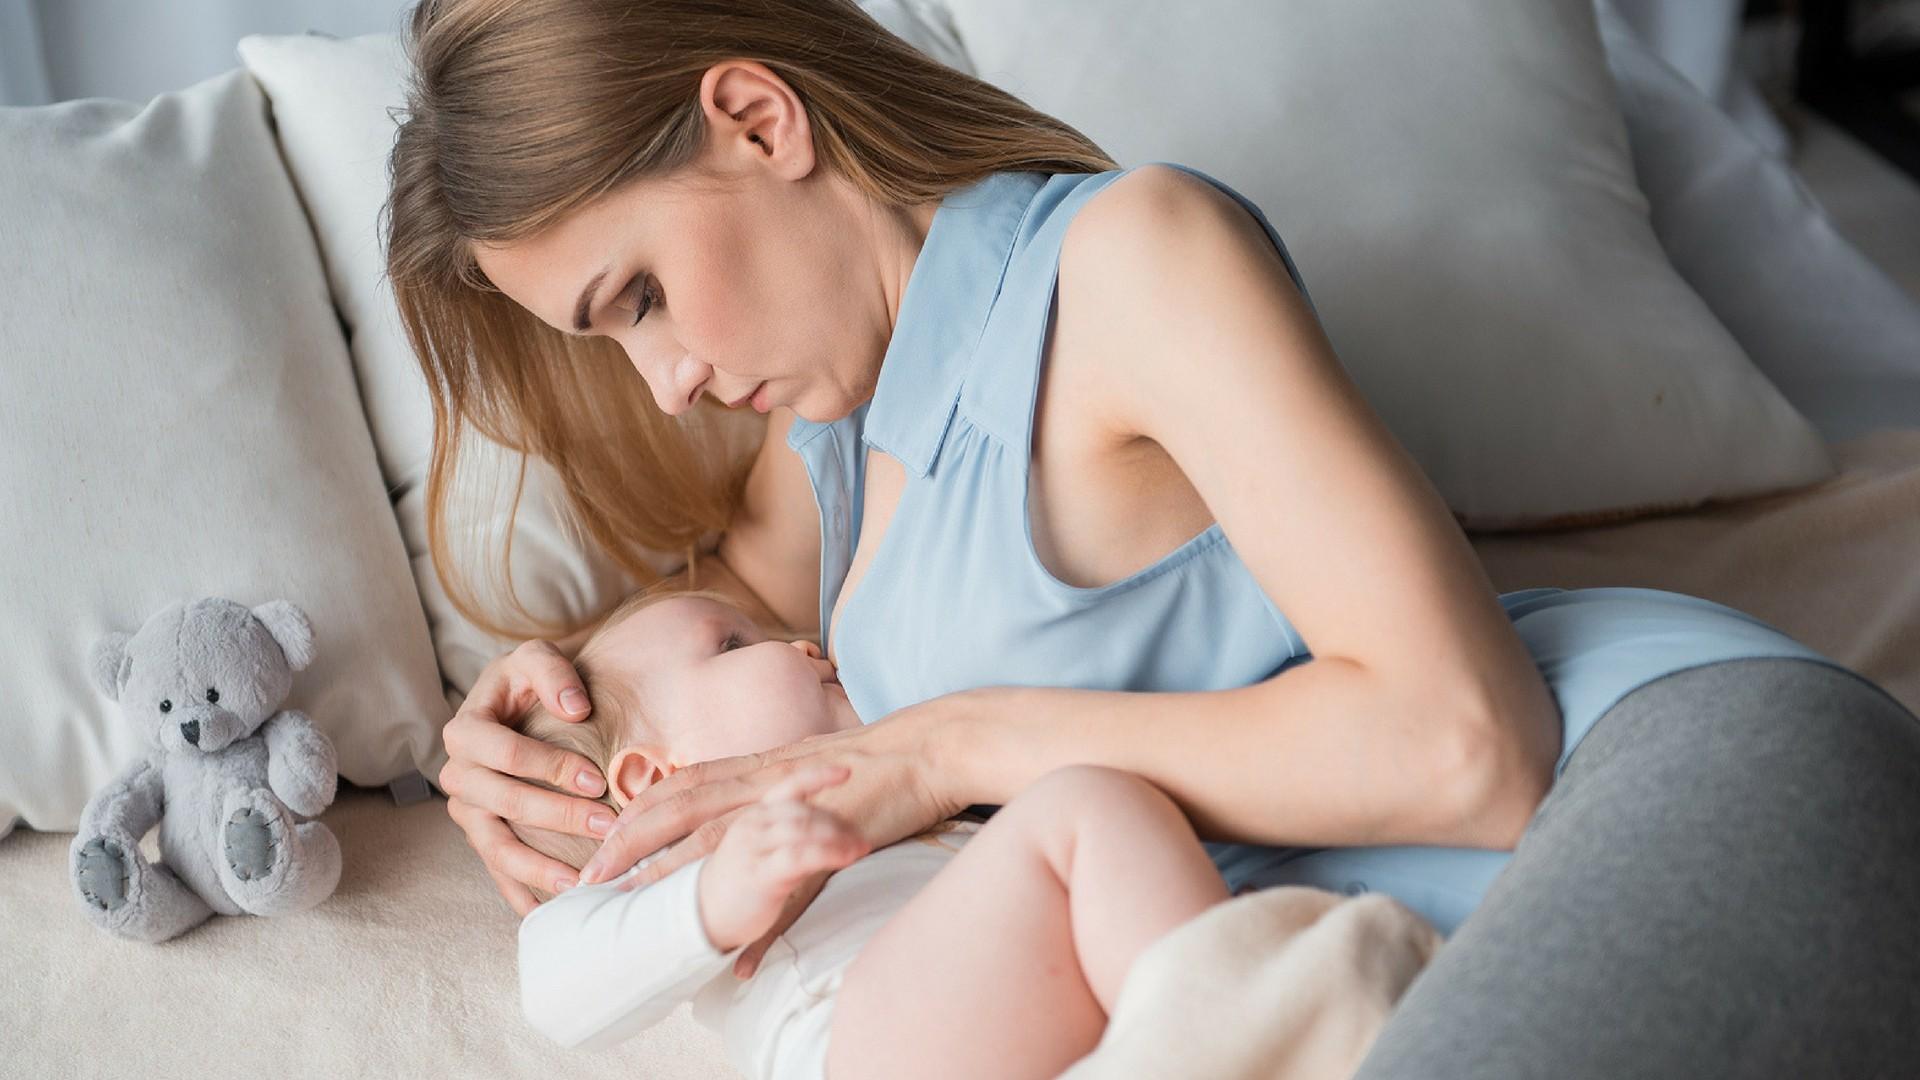 Frau versucht, Baby zu stillen